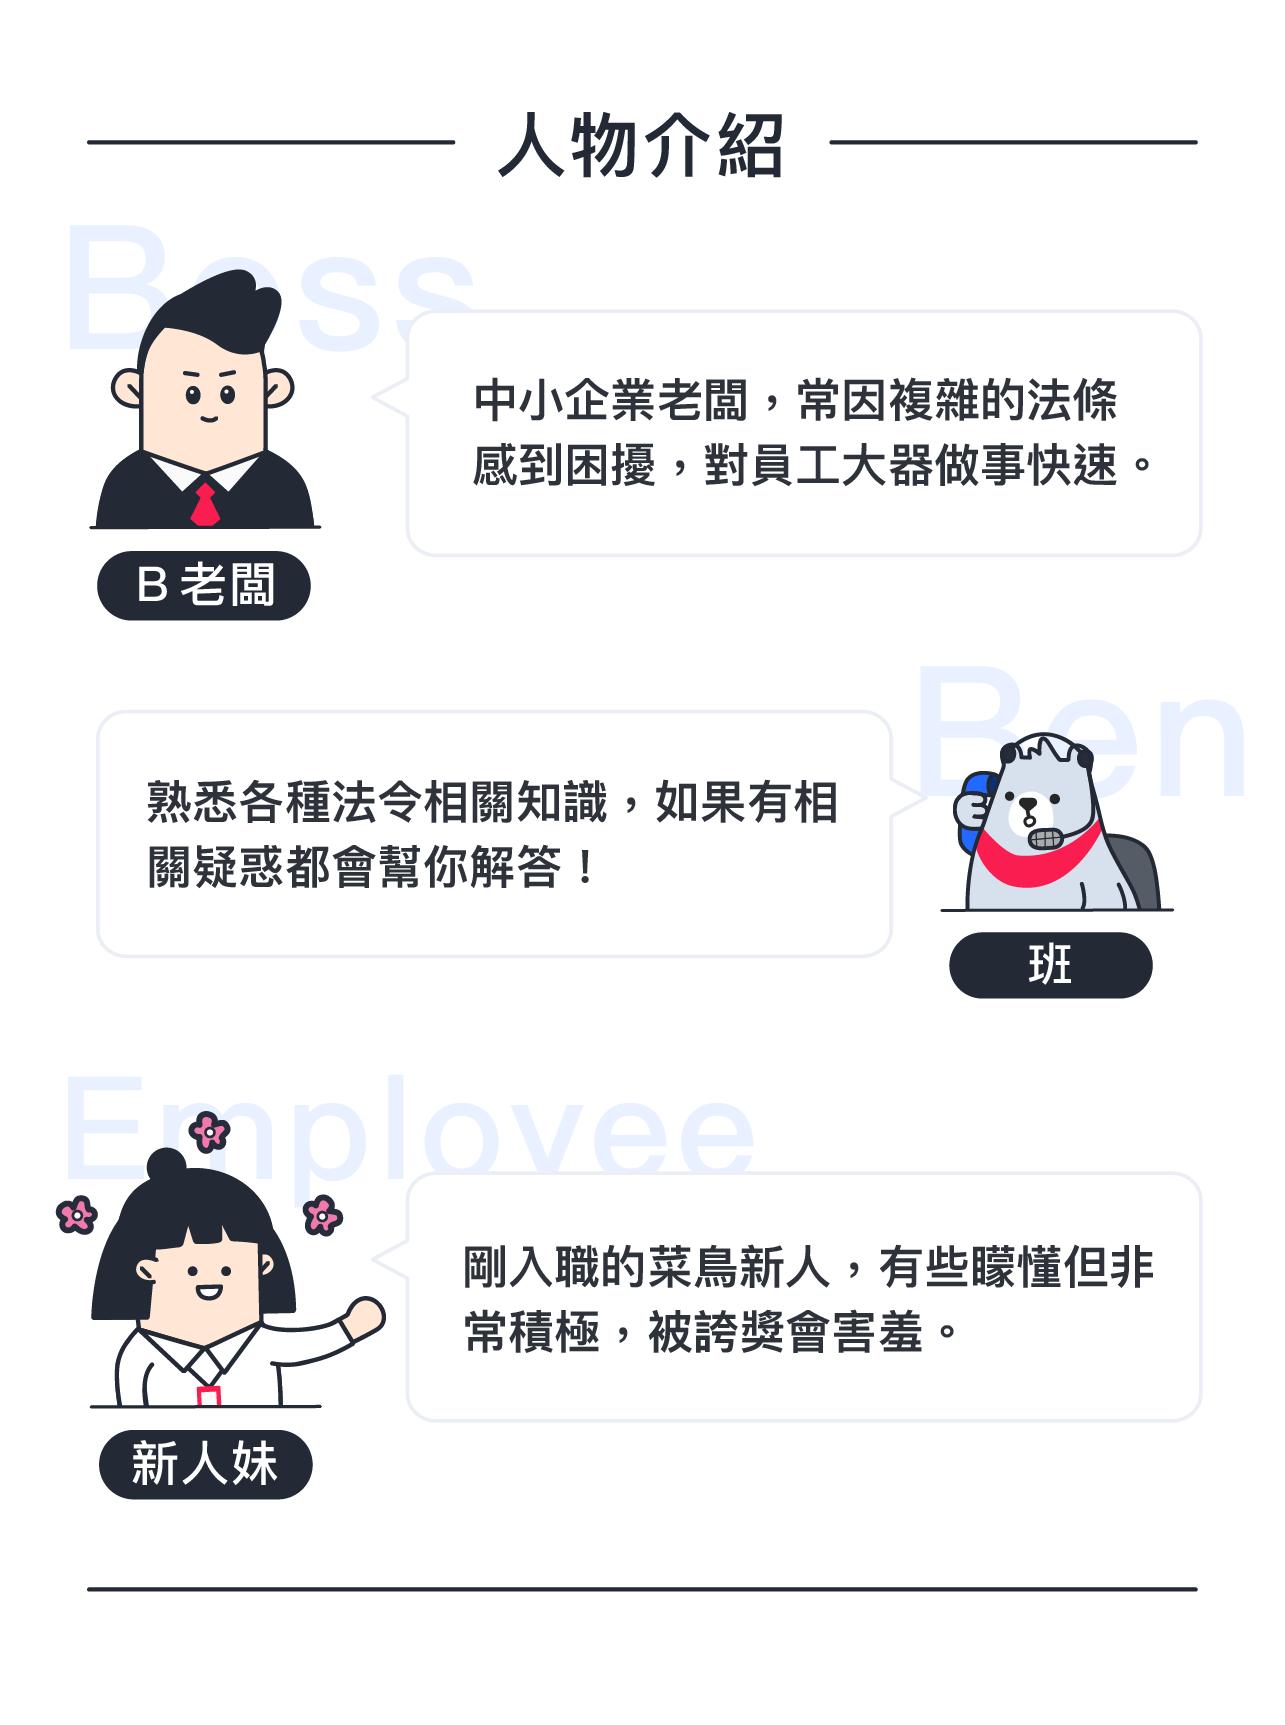 職場熊報人物角色介紹